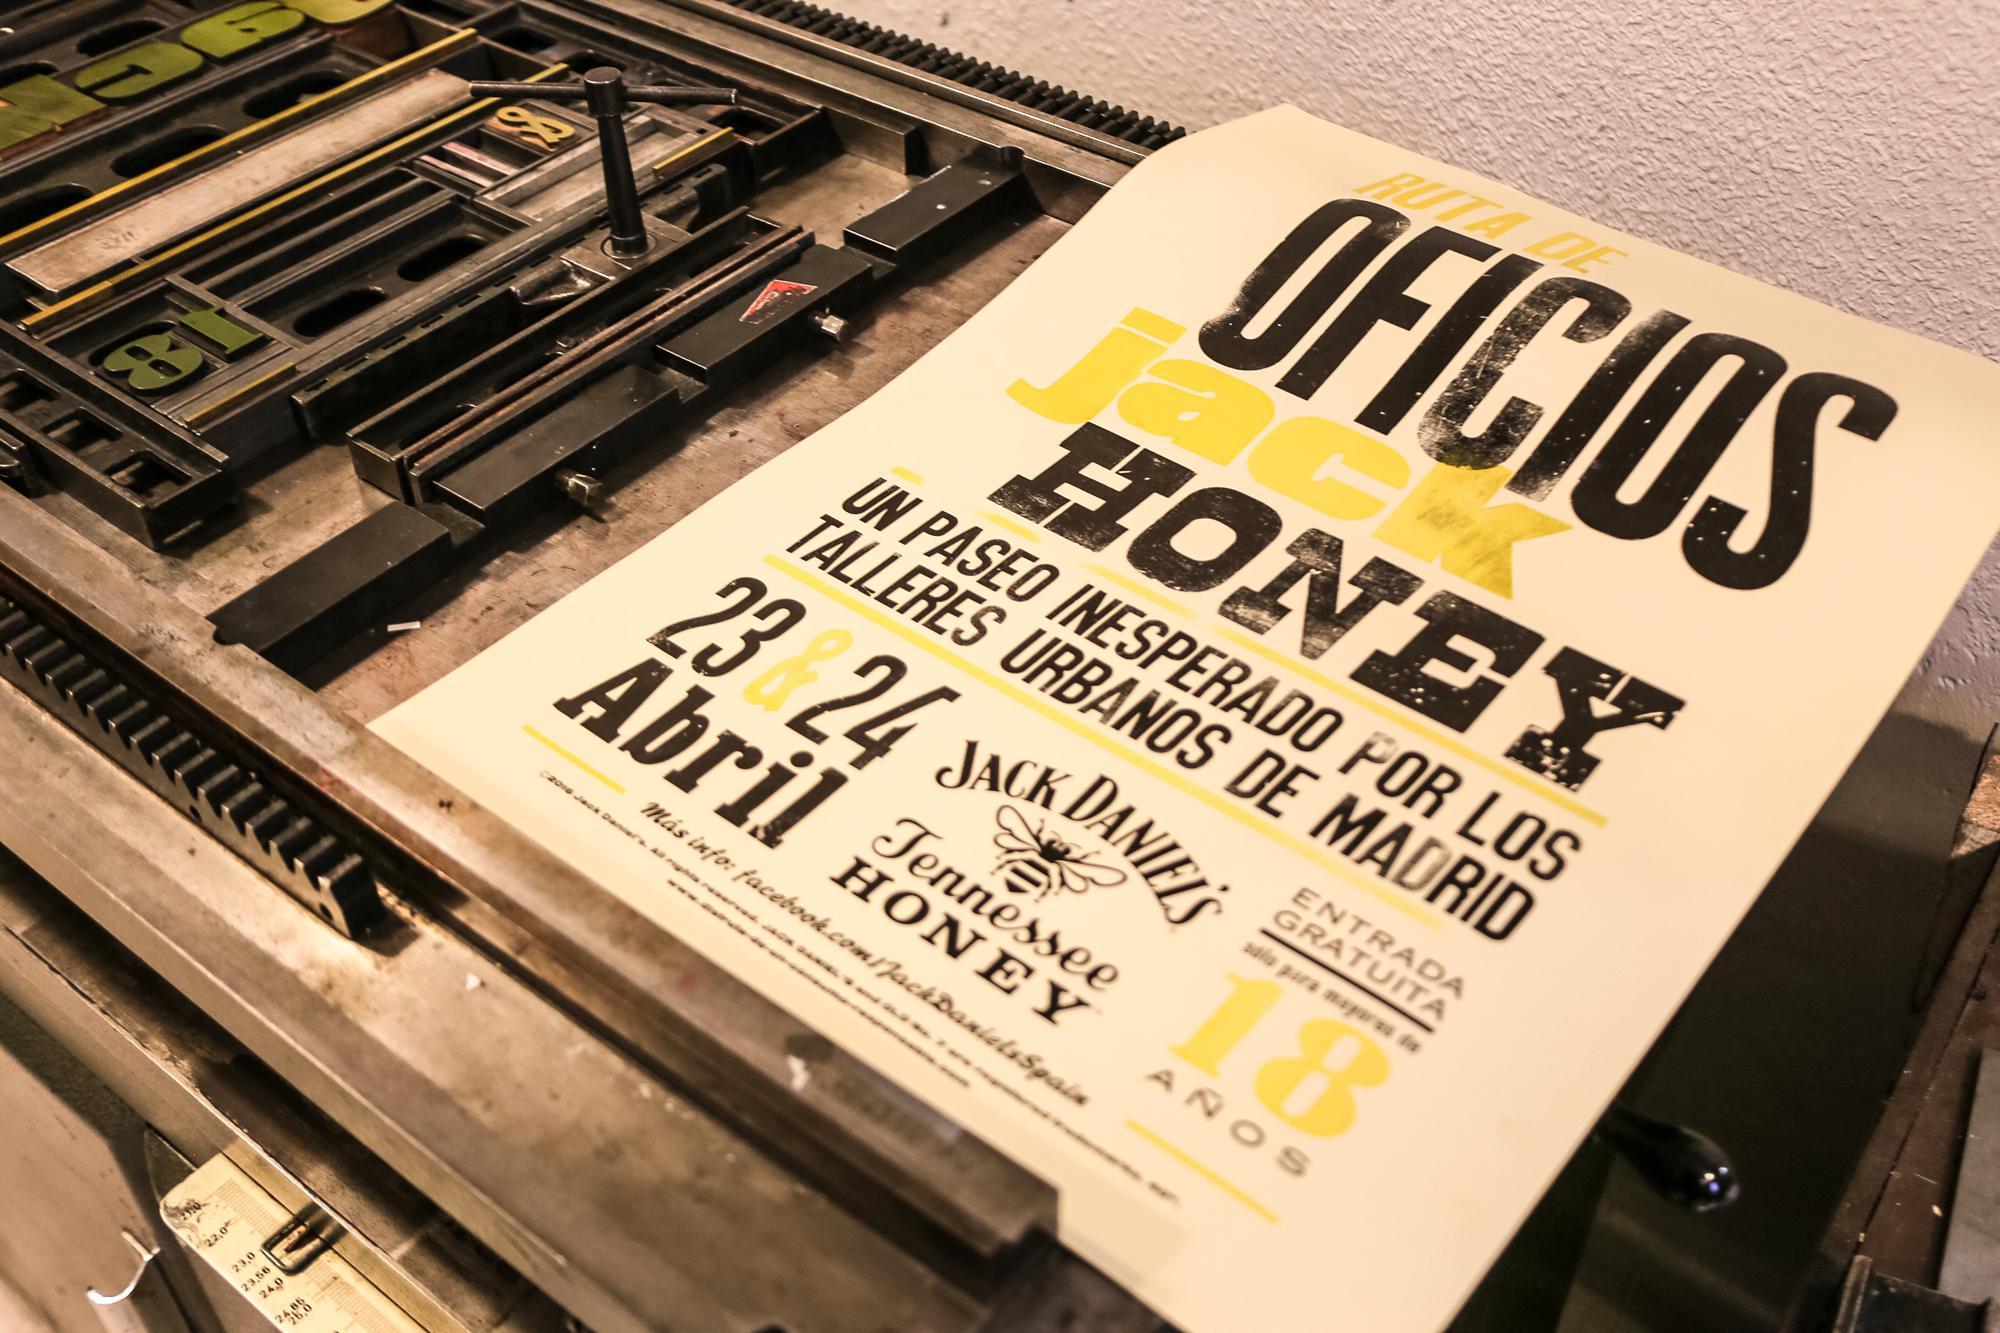 Ruta de oficios Jack Honey, un paseo inesperado por los talleres urbanos